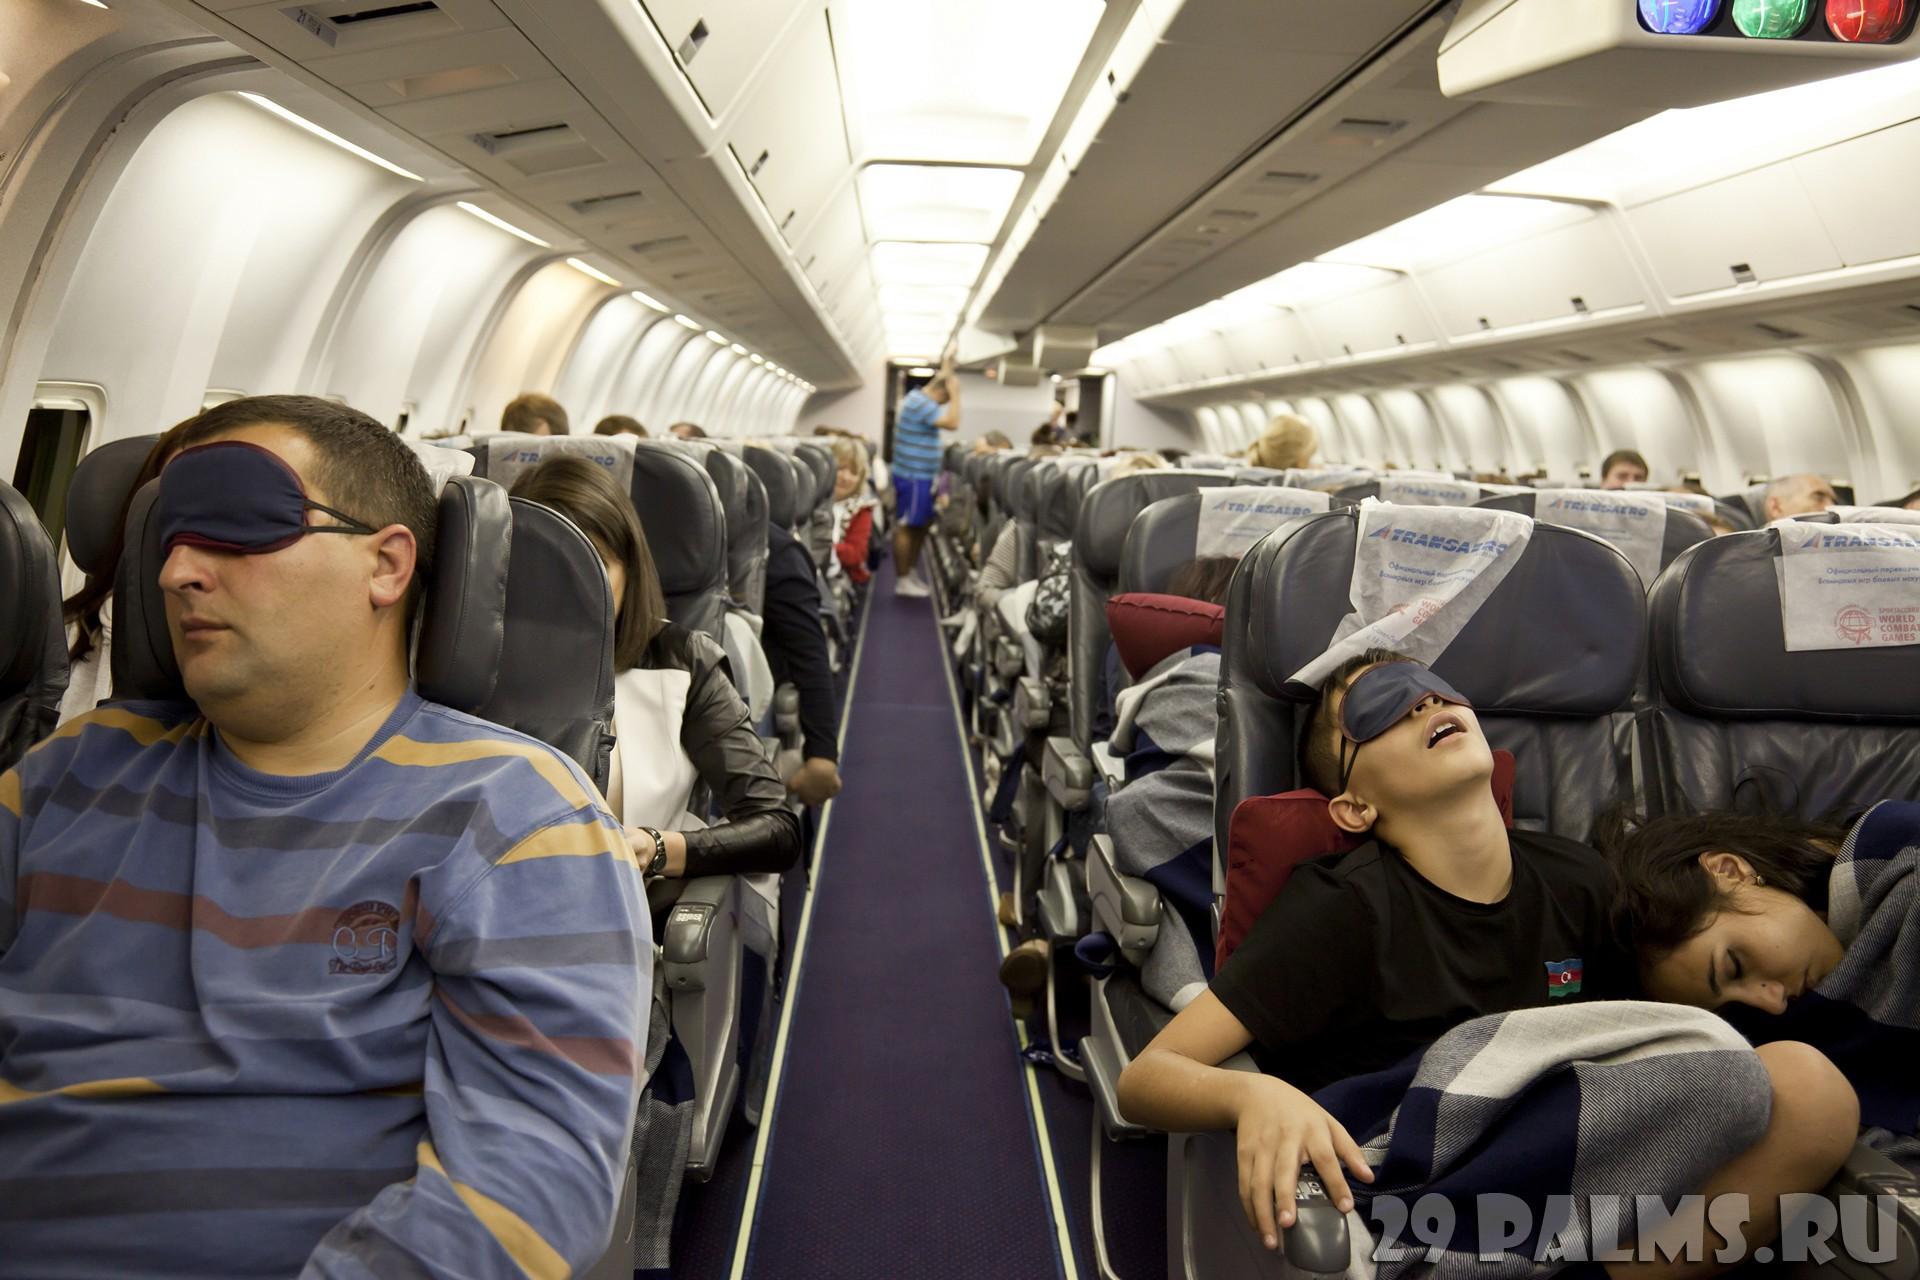 Приснилось что я летал на самолете